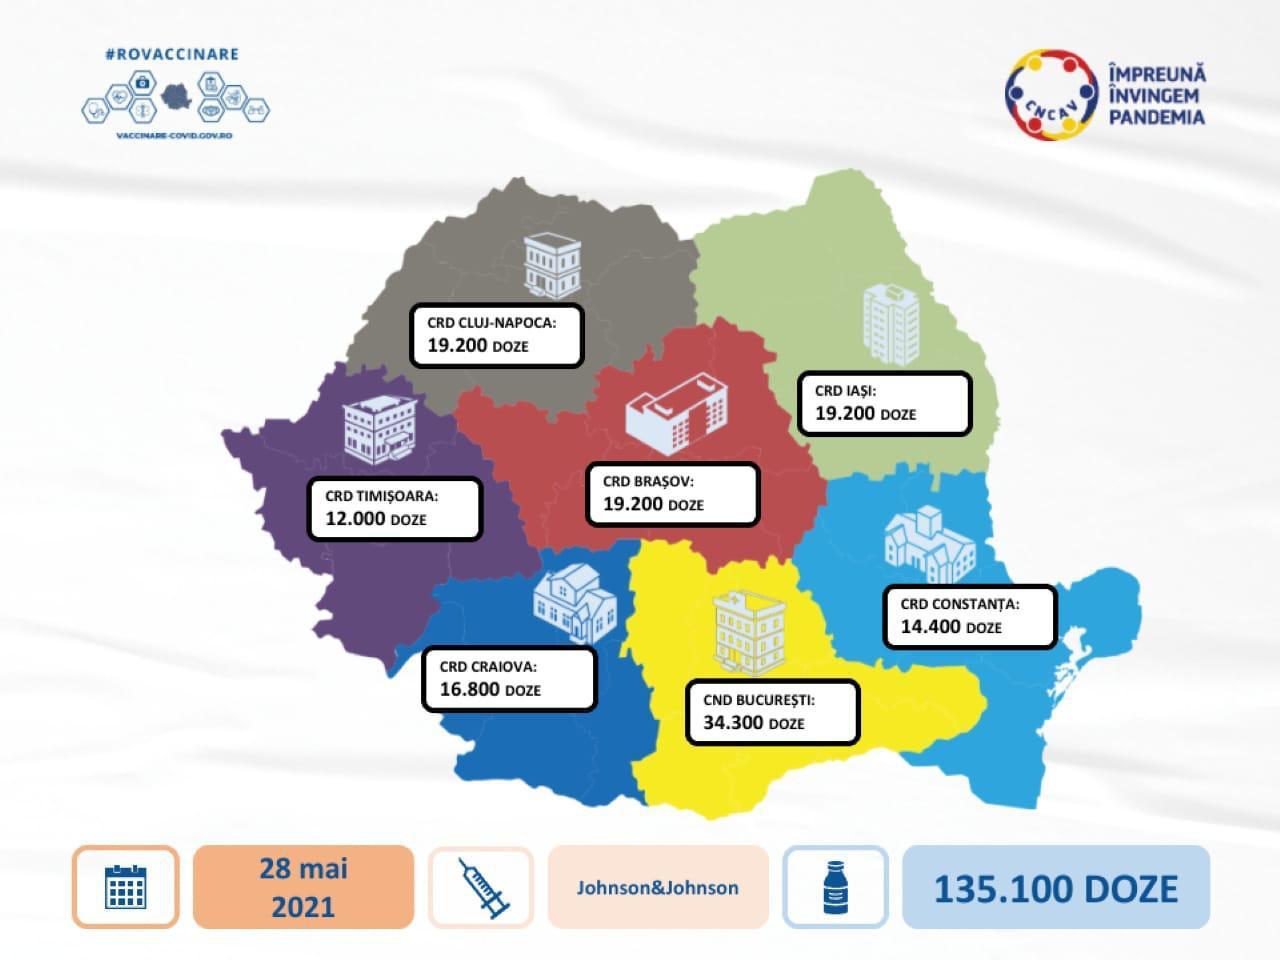 Campania de vaccinare anti-COVID-19. Peste 130.000 de doze de vaccin Johnson&Johnson ajung vineri în România